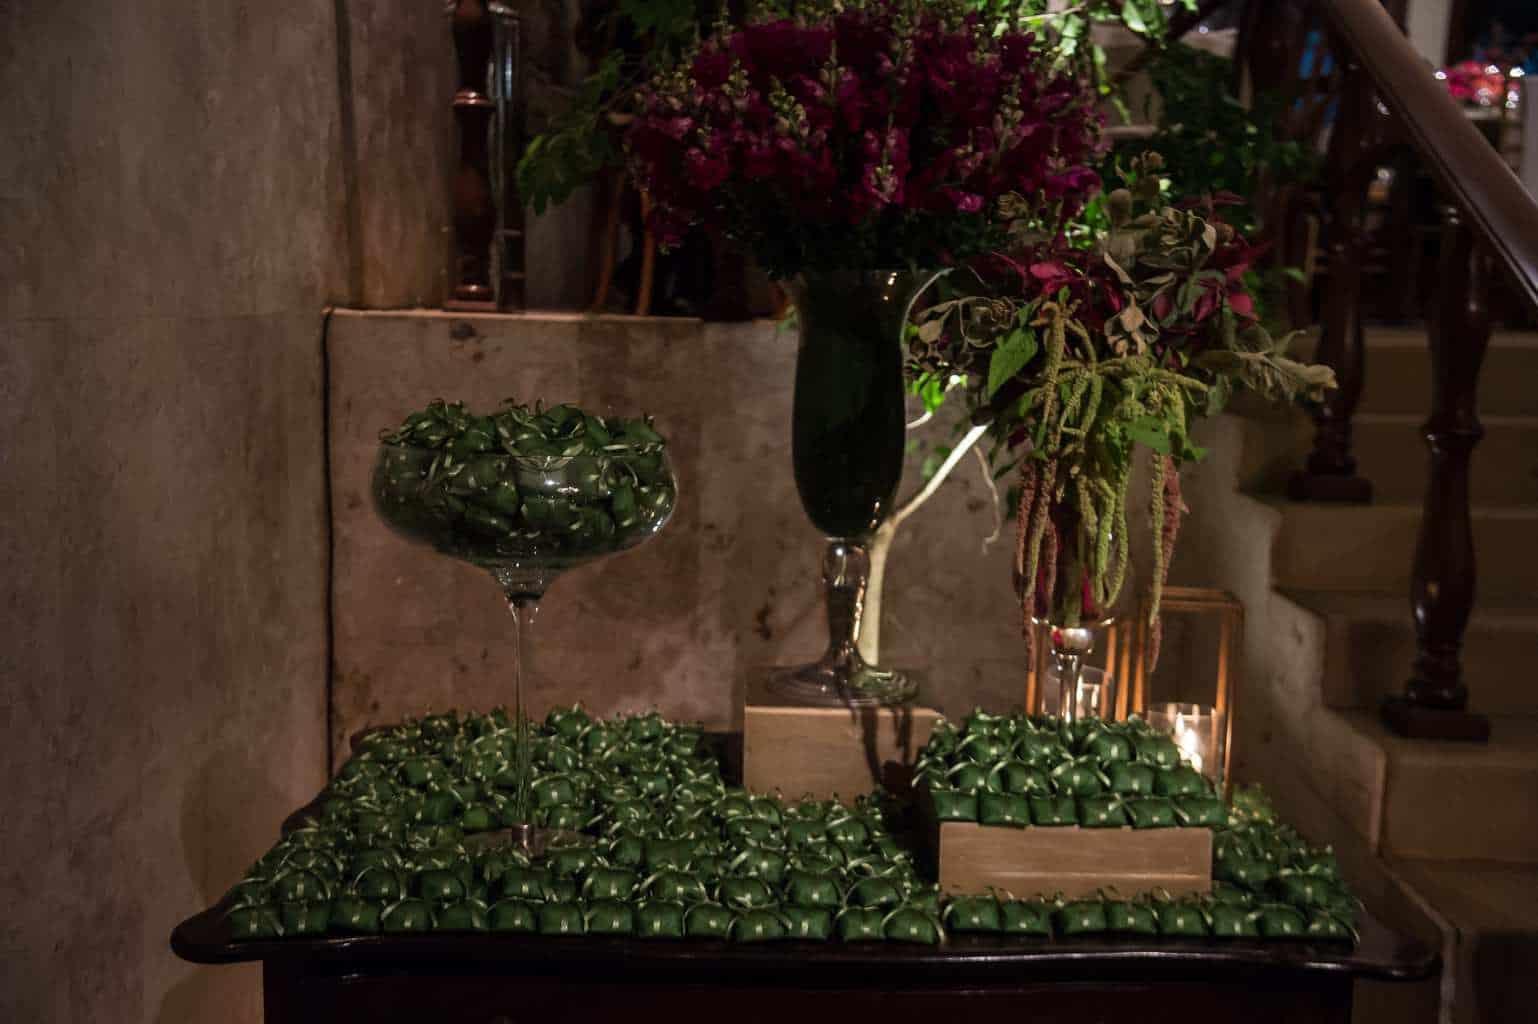 casamento-fernanda-e-leandro-casamento-sp-Fotografia-Produtora-7-casamento-clássico-casamento-tradicional-wedding-65